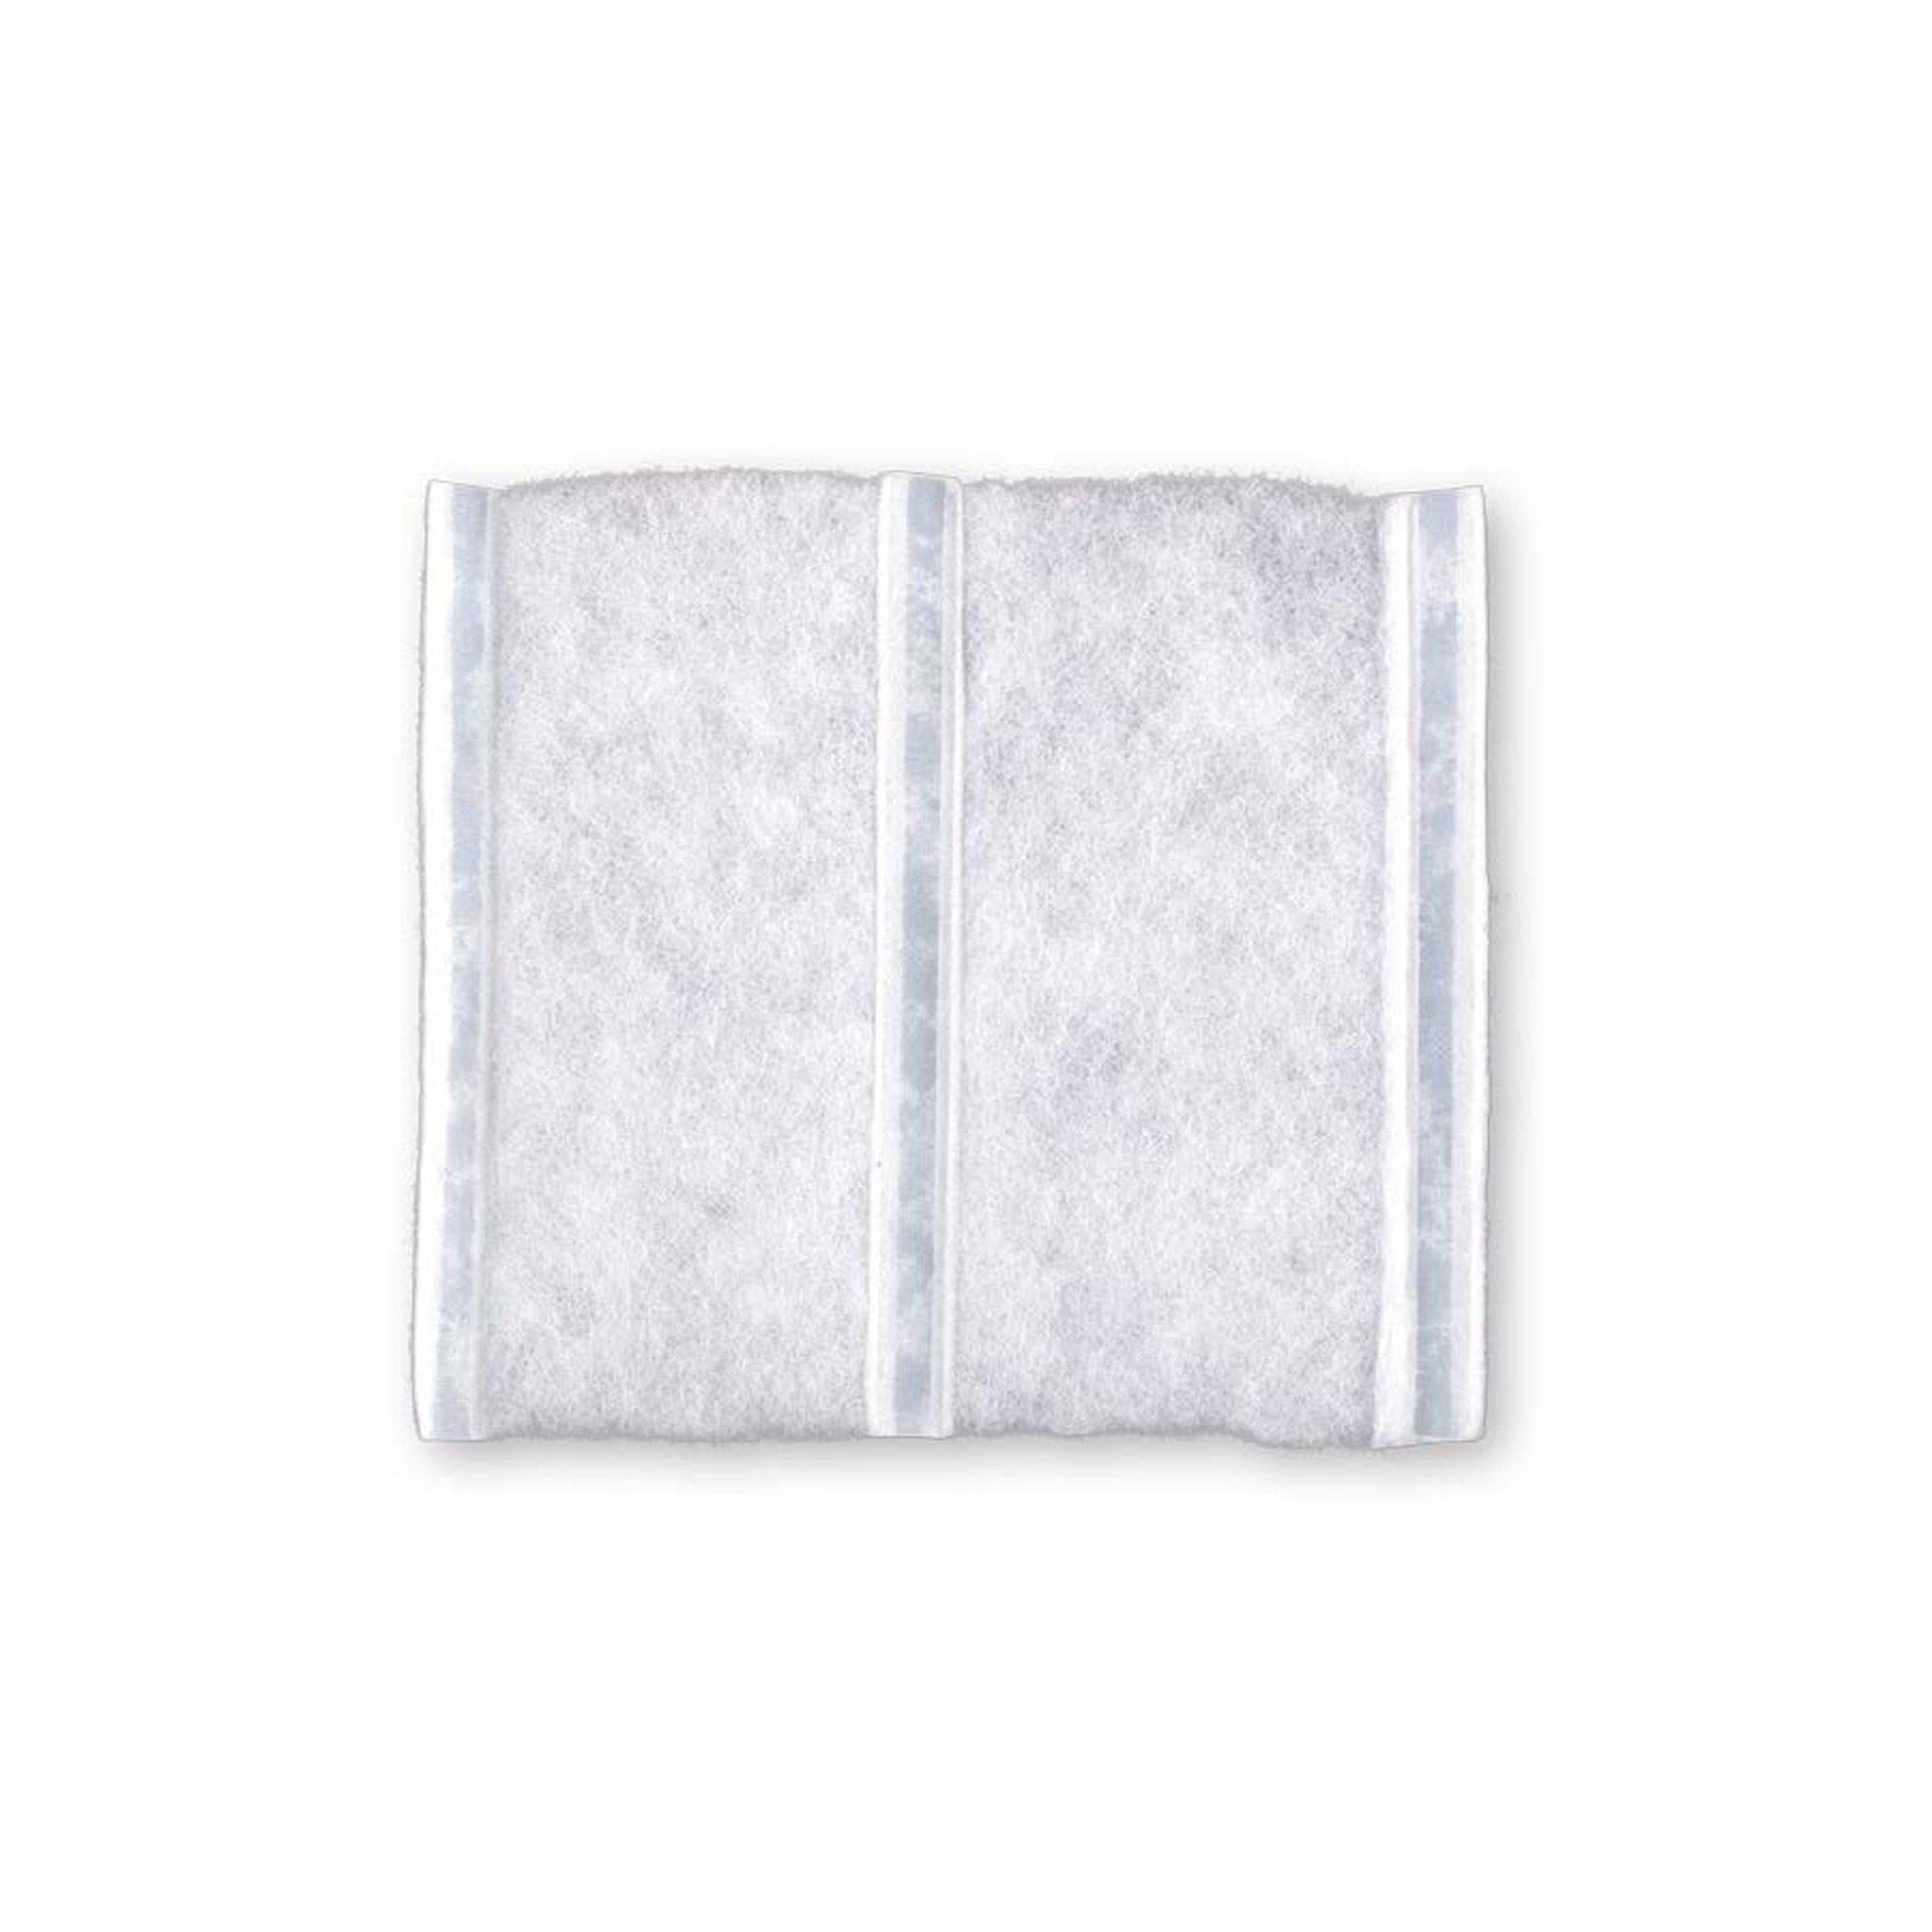 Fluval Aquavac Plus Fine Filter Pad